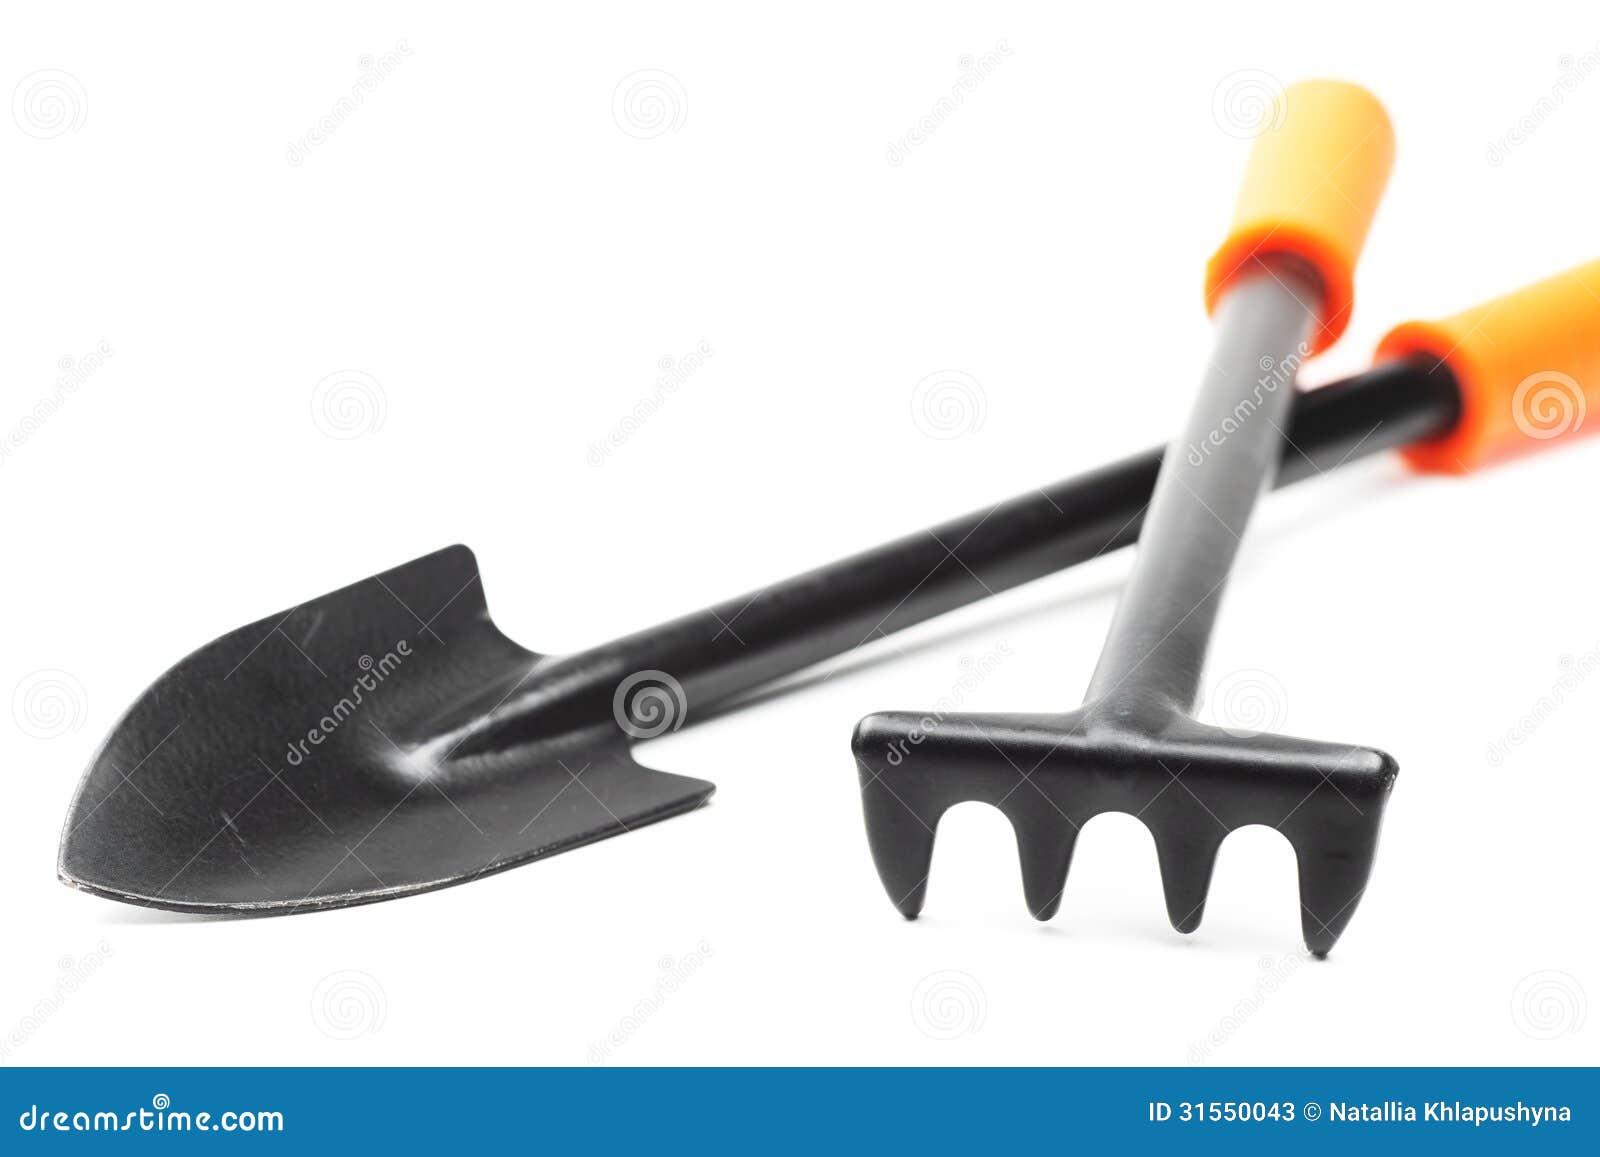 Small garden tools spade and rake stock photos image for Small rake garden tools